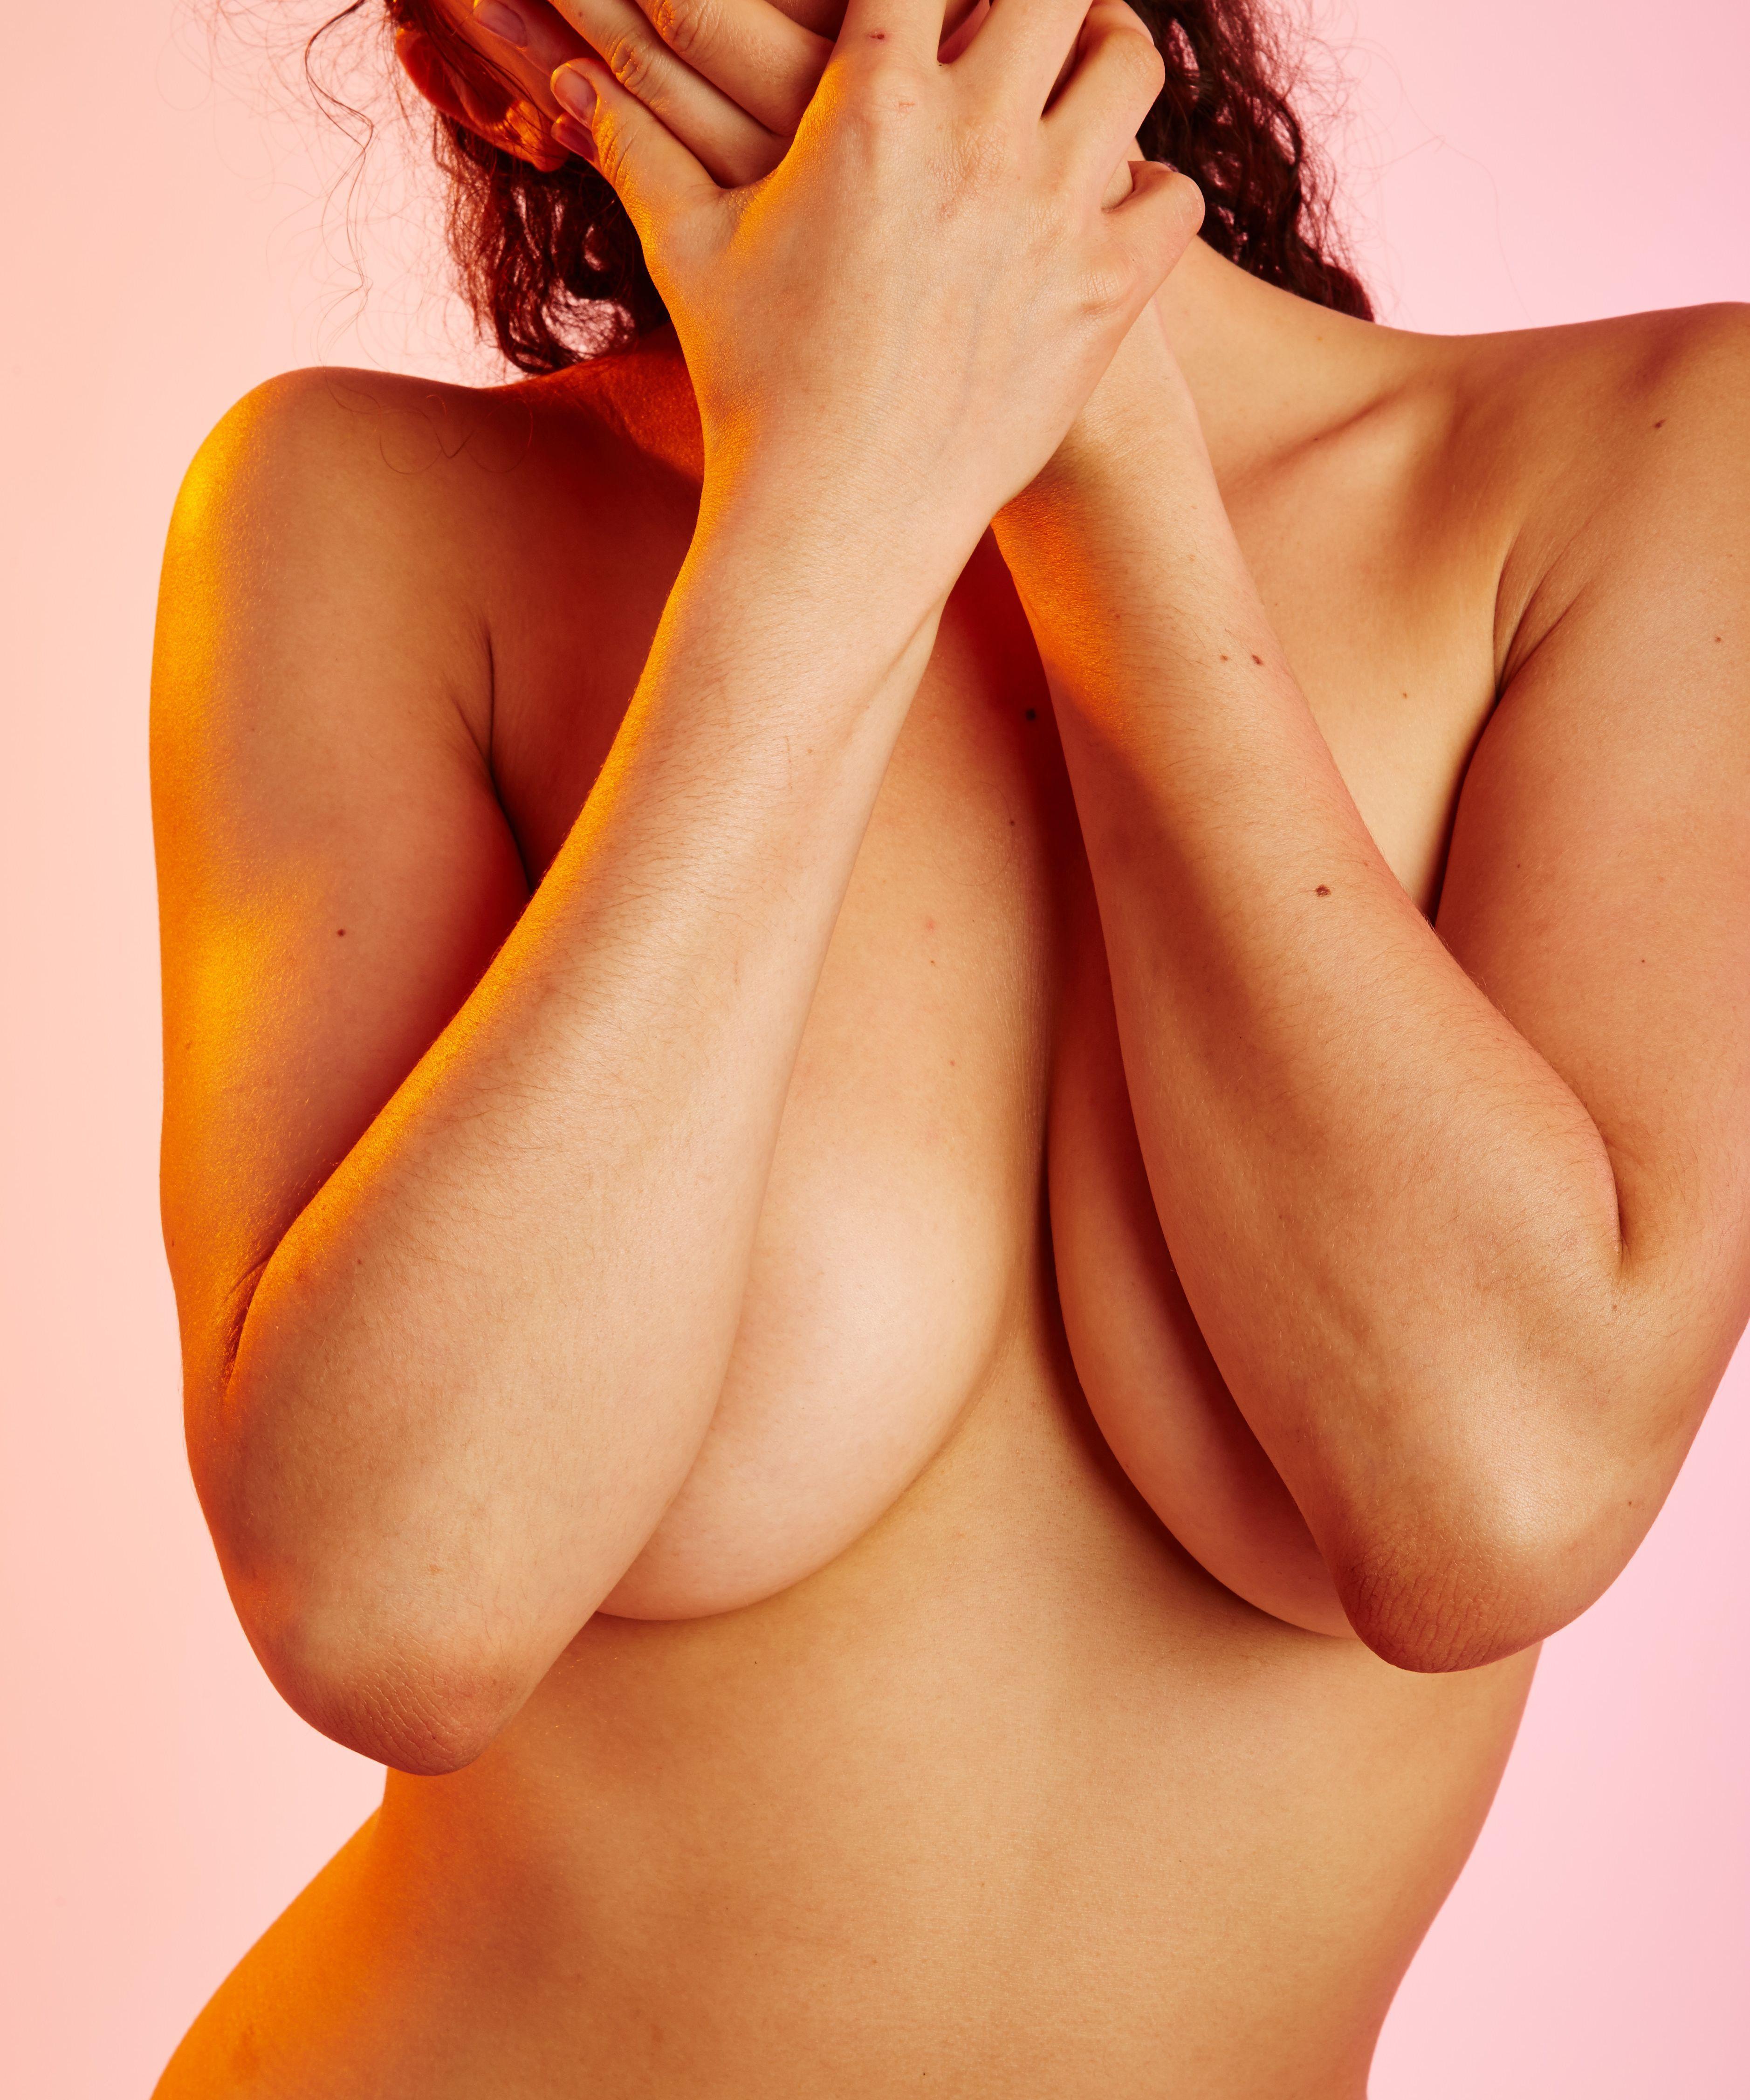 Tiffany tipton nude